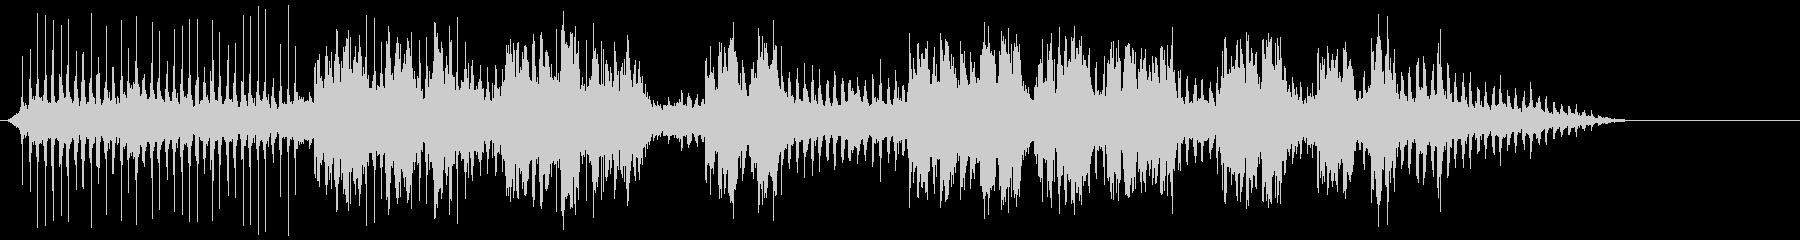 鉄道ホール旋盤の未再生の波形